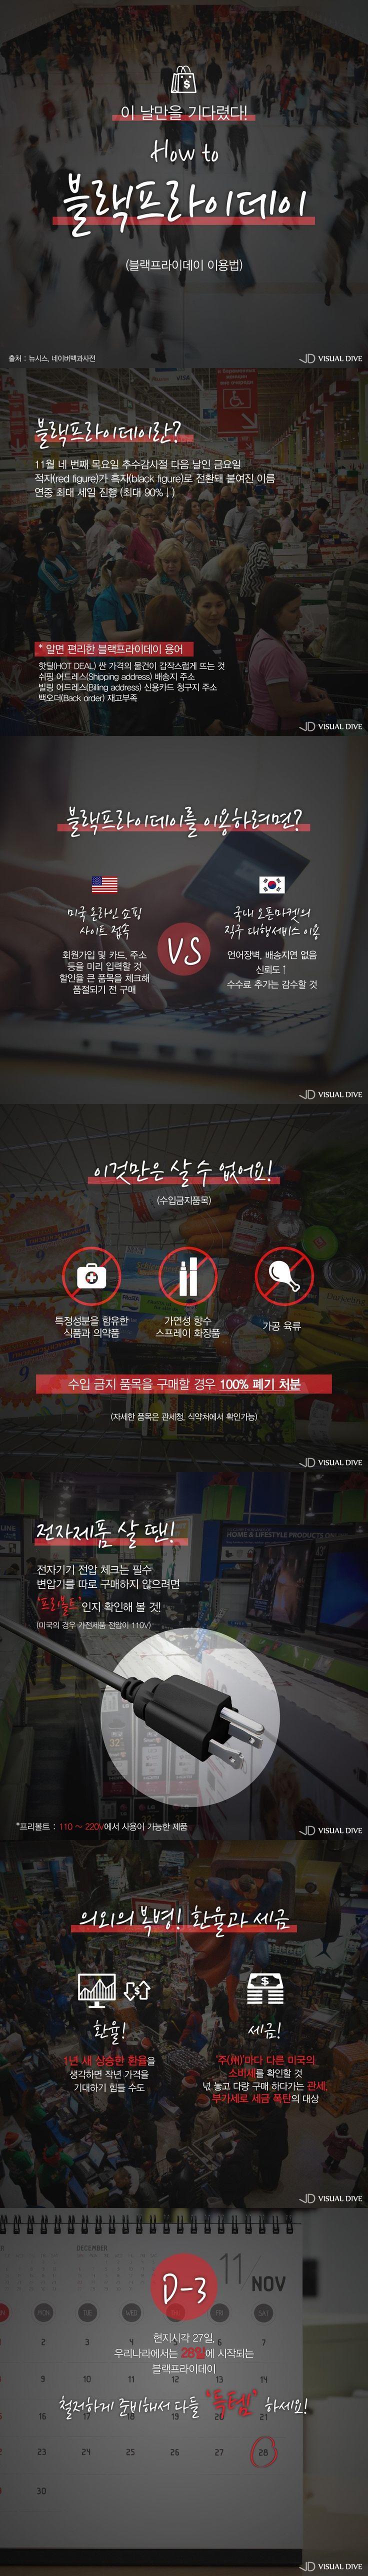 美 블랙프라이데이, 알뜰직구족을 위한 '꿀팁' [카드뉴스] #Shopping / #Cardnews ⓒ 비주얼다이브 무단 복사·전재·재배포 금지